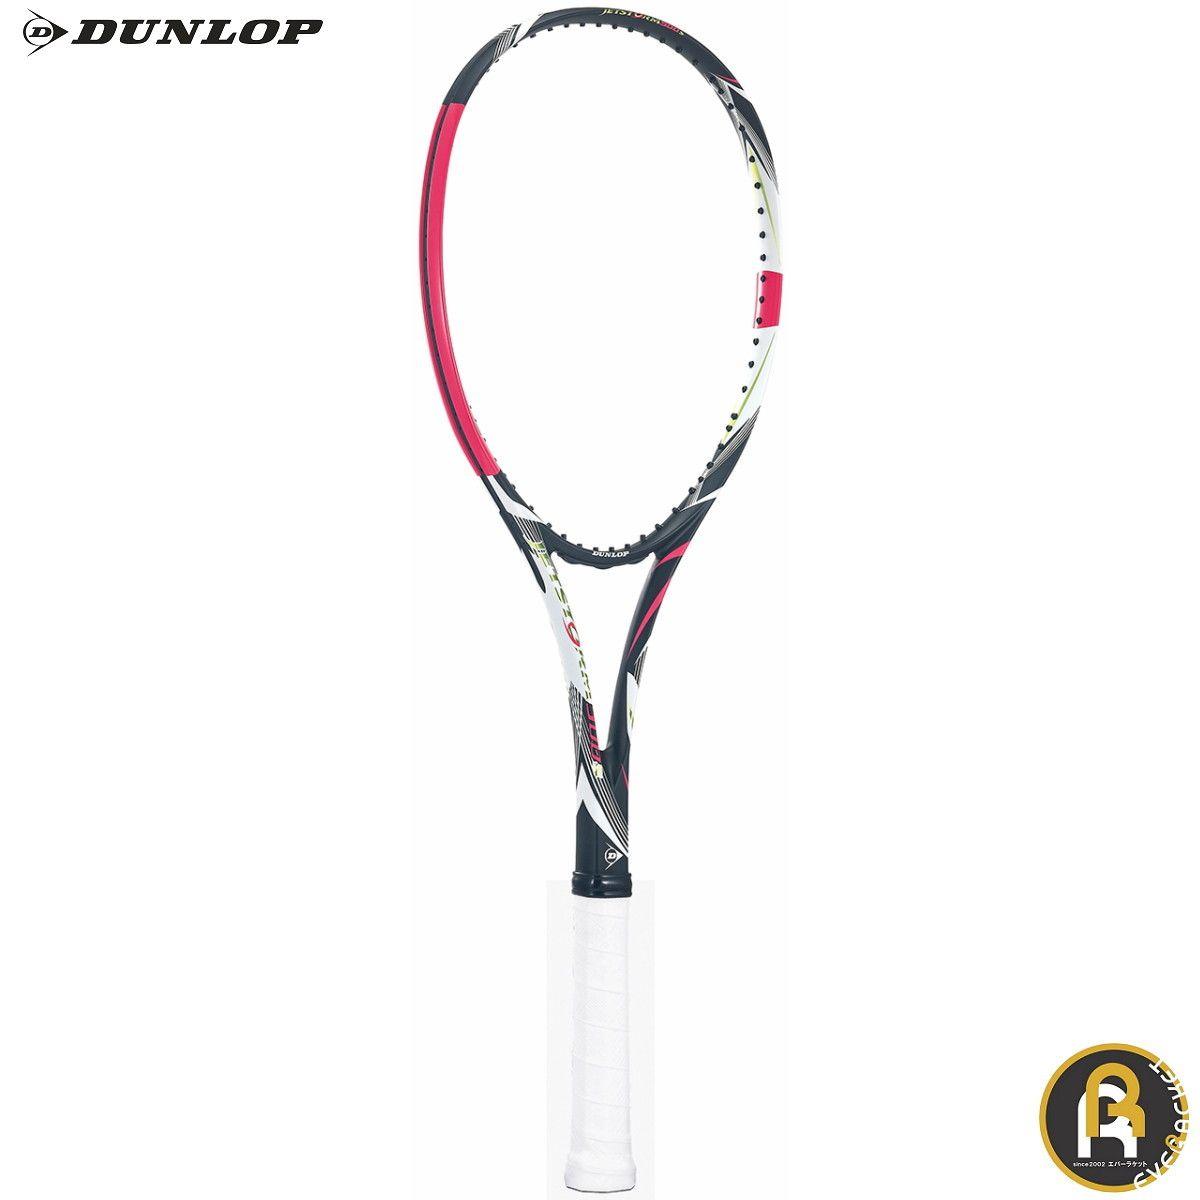 ダンロップ ダンロップスポーツ ソフトテニスラケット 20JETSTORM500S DS42002 DS-42002 ソフトテニス